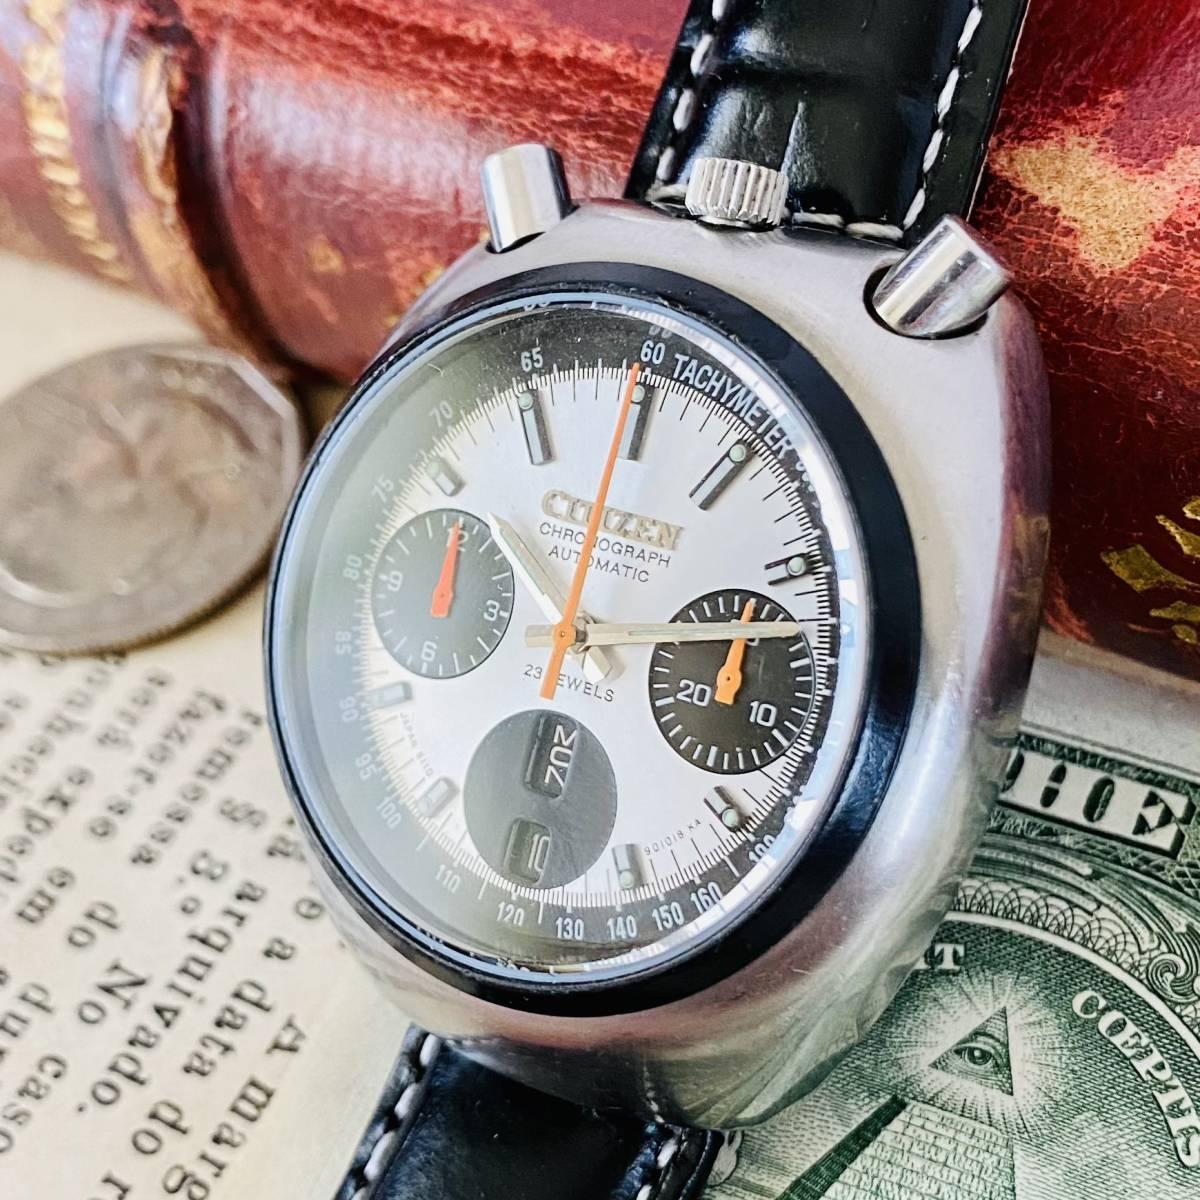 【高級腕時計 シチズン】CITIZEN 8110A クロノグラフ 自動巻 1979年 デイデイト ツノ メンズ レディース アナログ パンダ チャレンジ_画像1